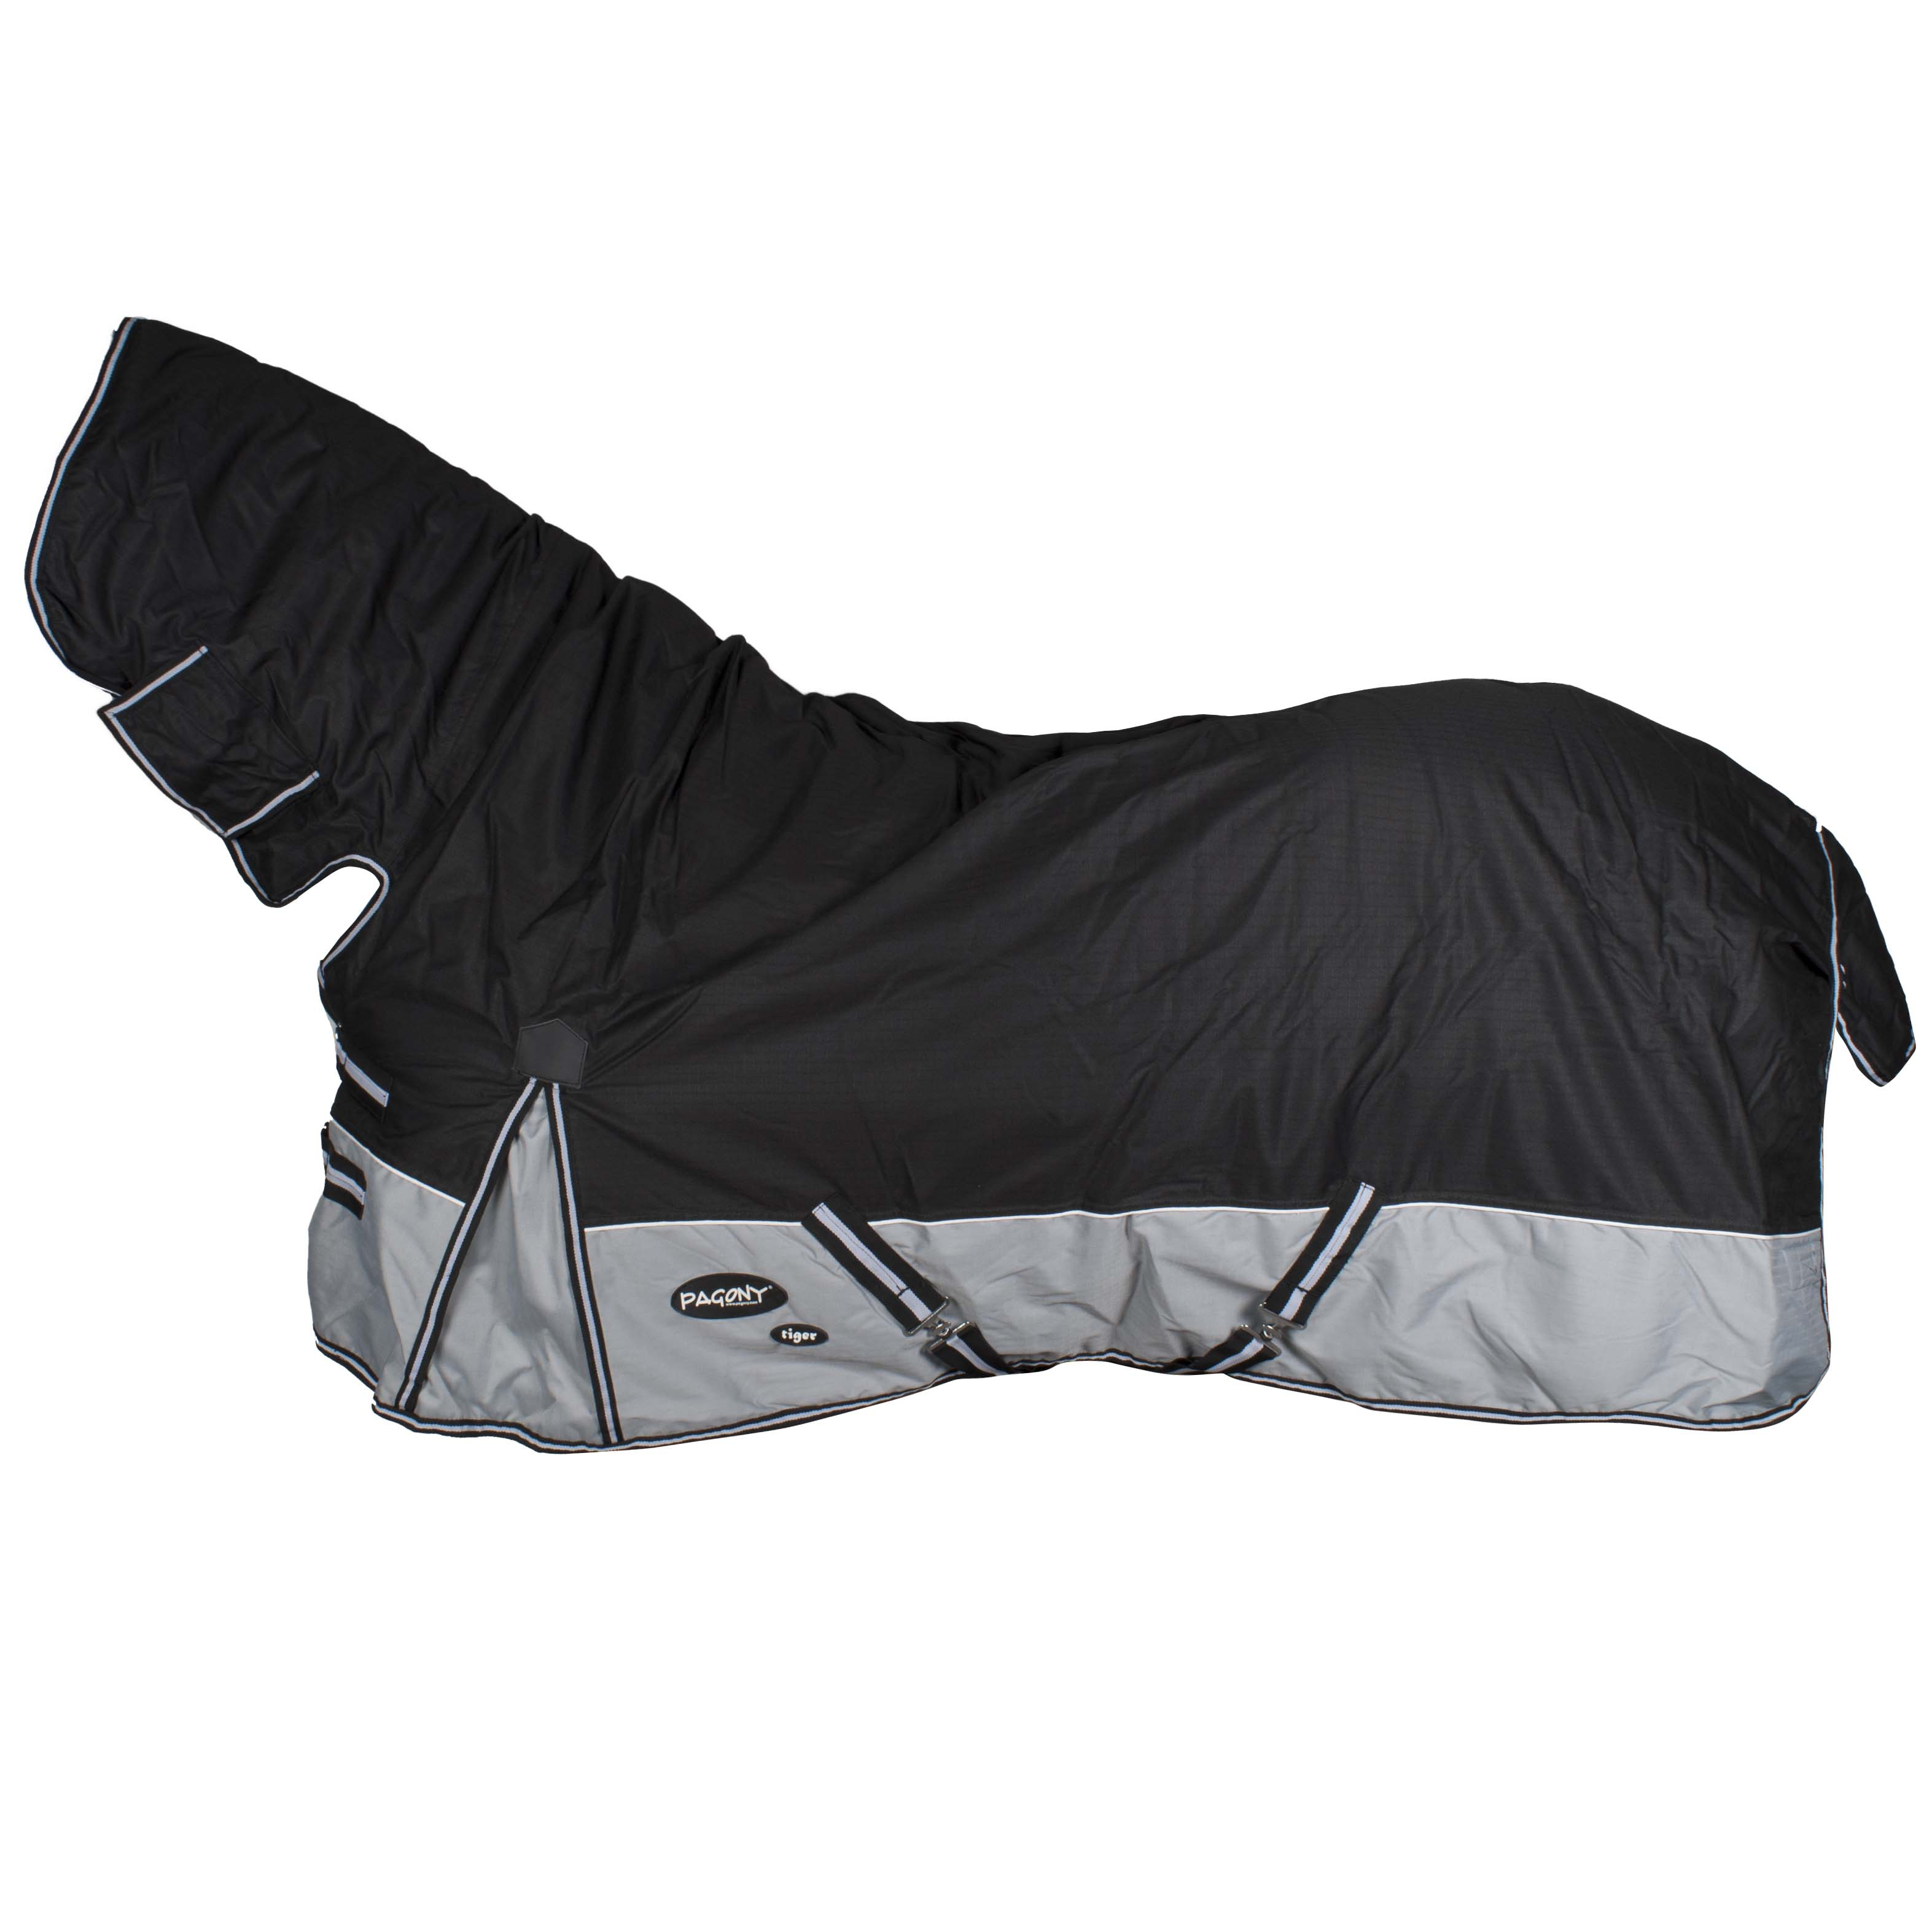 Pagony Tiger 0 Full Neck deken zwart maat:205